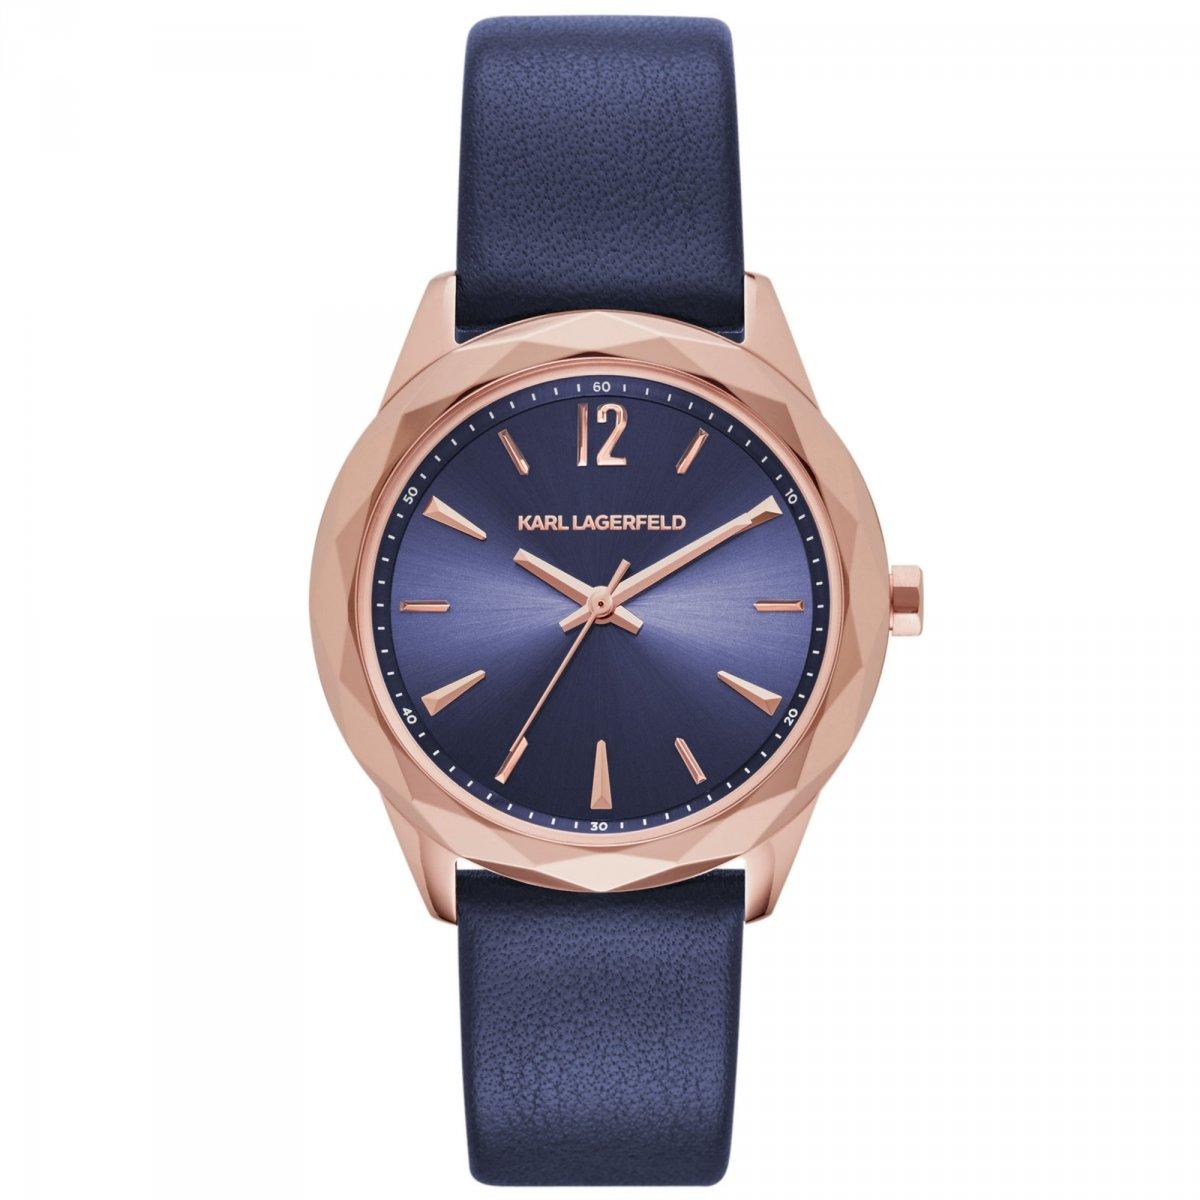 866a55e02 Zegarek damski Karl Lagerfeld Optik KL4004 | ONE ZERO Autoryzowany sklep